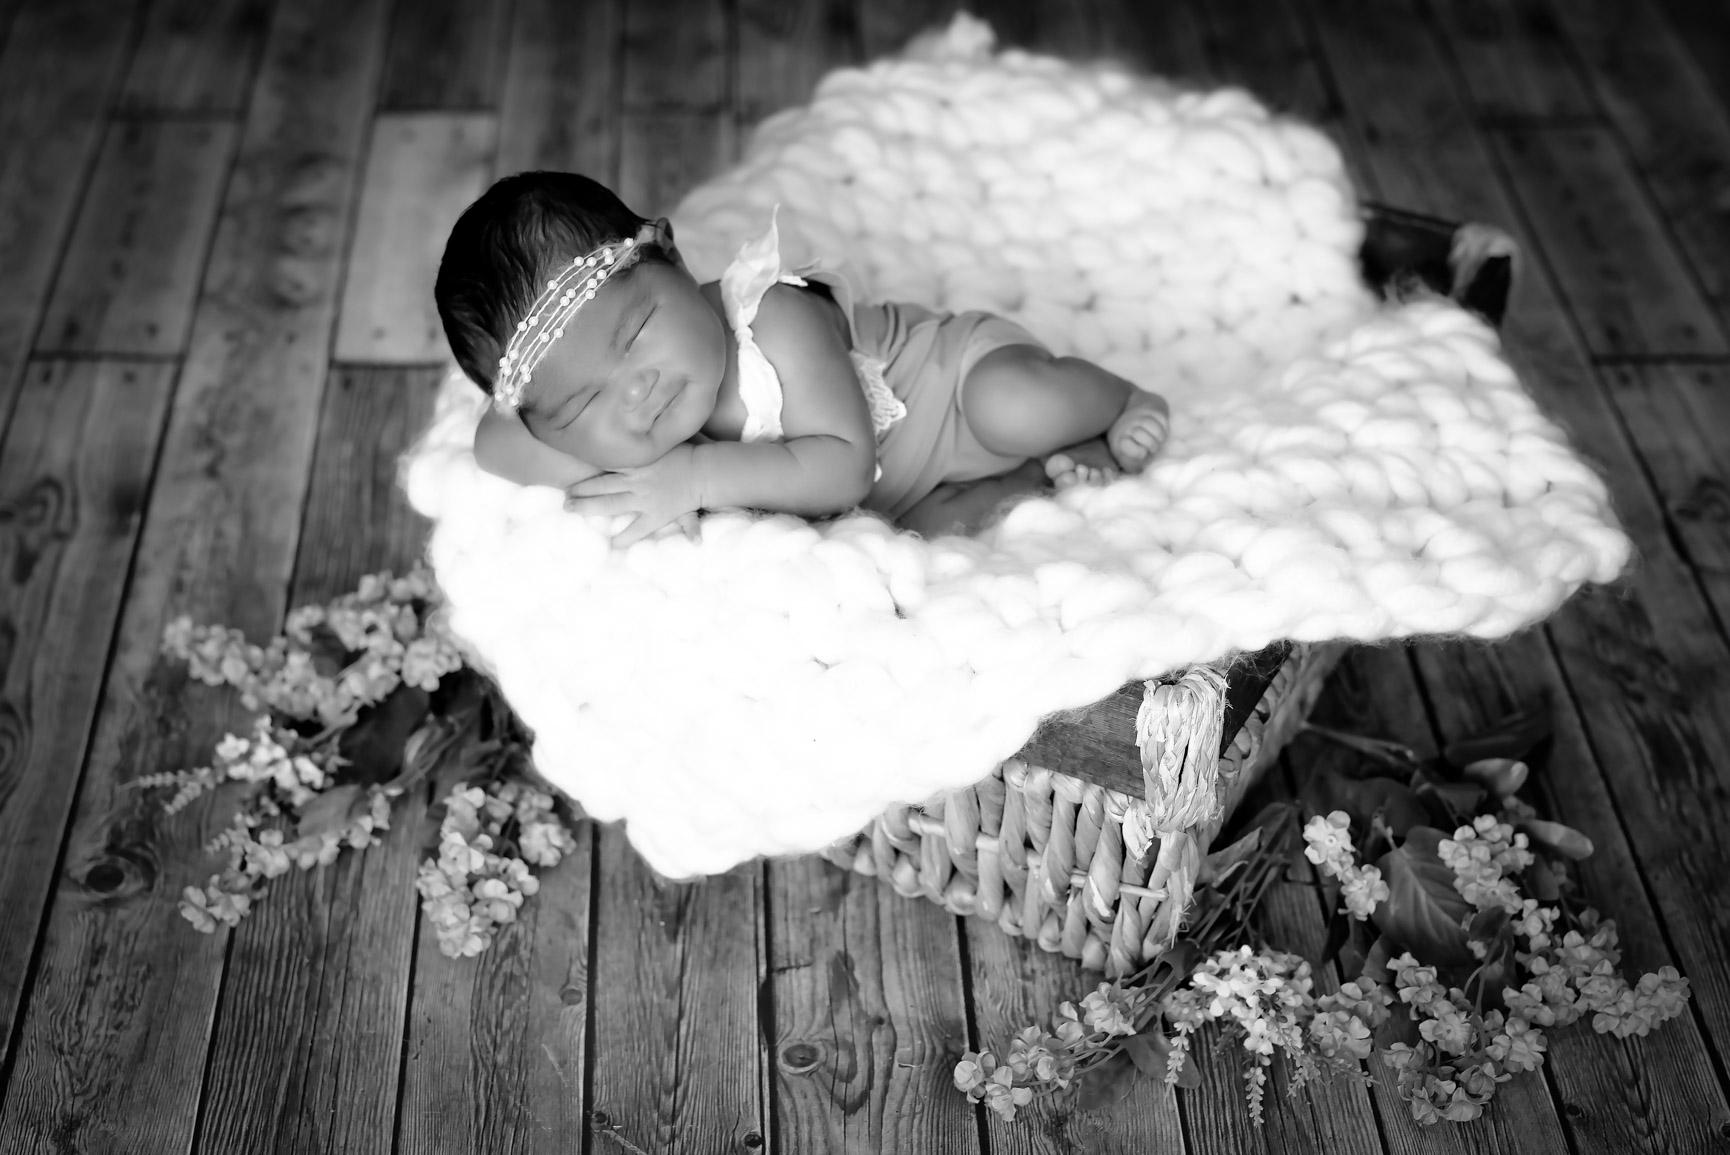 Baby MiaDSC_7414-Edit-Edit.jpg